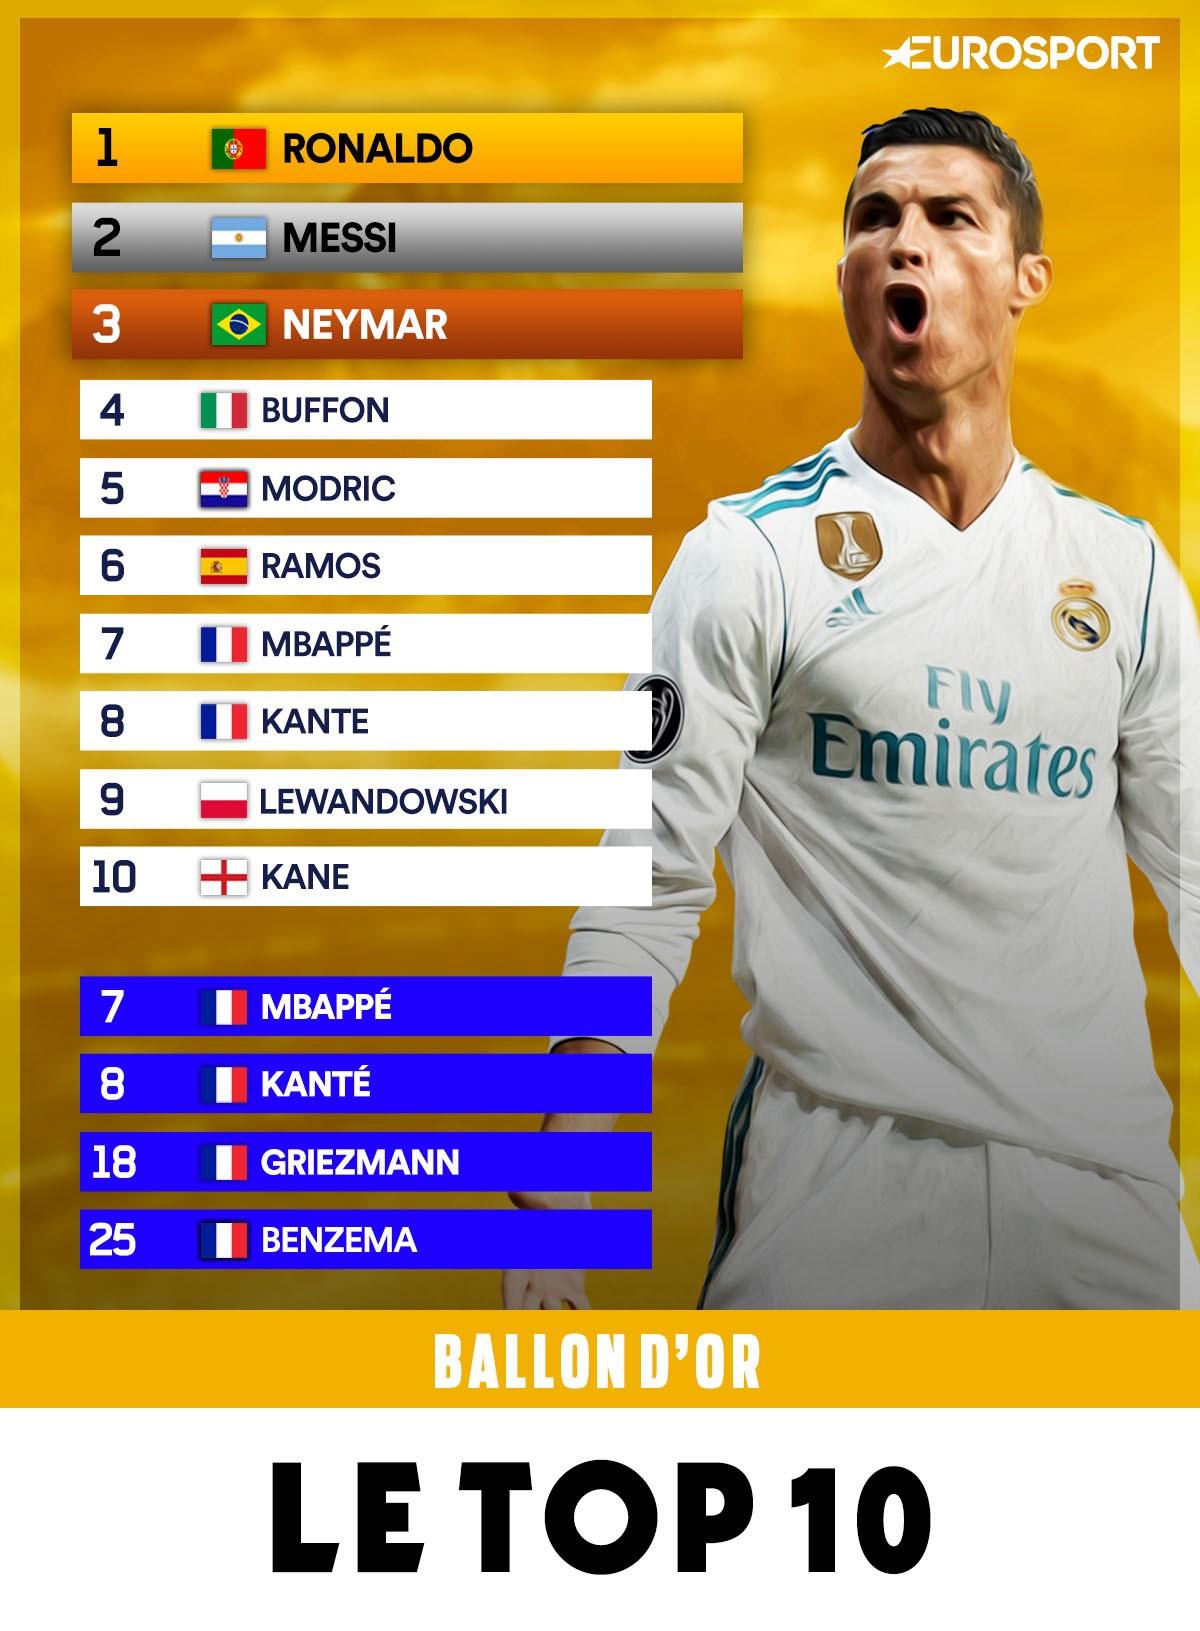 top 10 ballon d'or